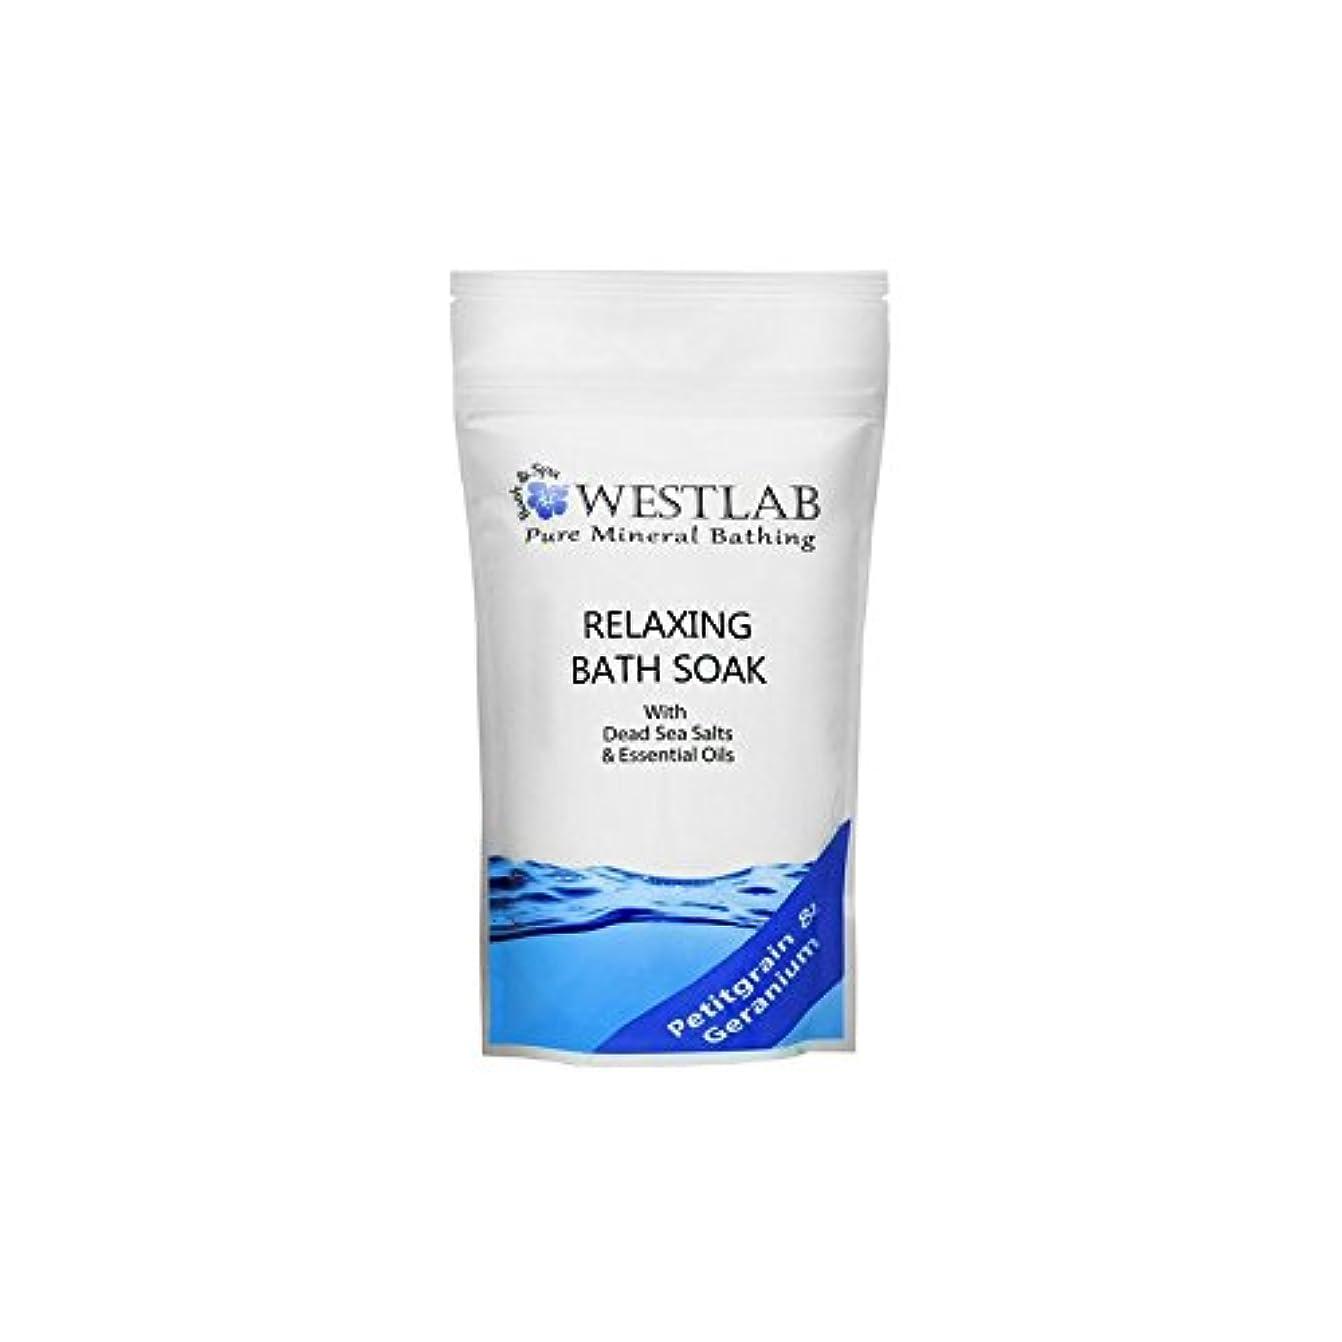 アプライアンス弁護士関係Westlab Relax Dead Sea Salt Bath Soak (500g) (Pack of 6) - 死海の塩浴浸漬(500グラム)をリラックス x6 [並行輸入品]